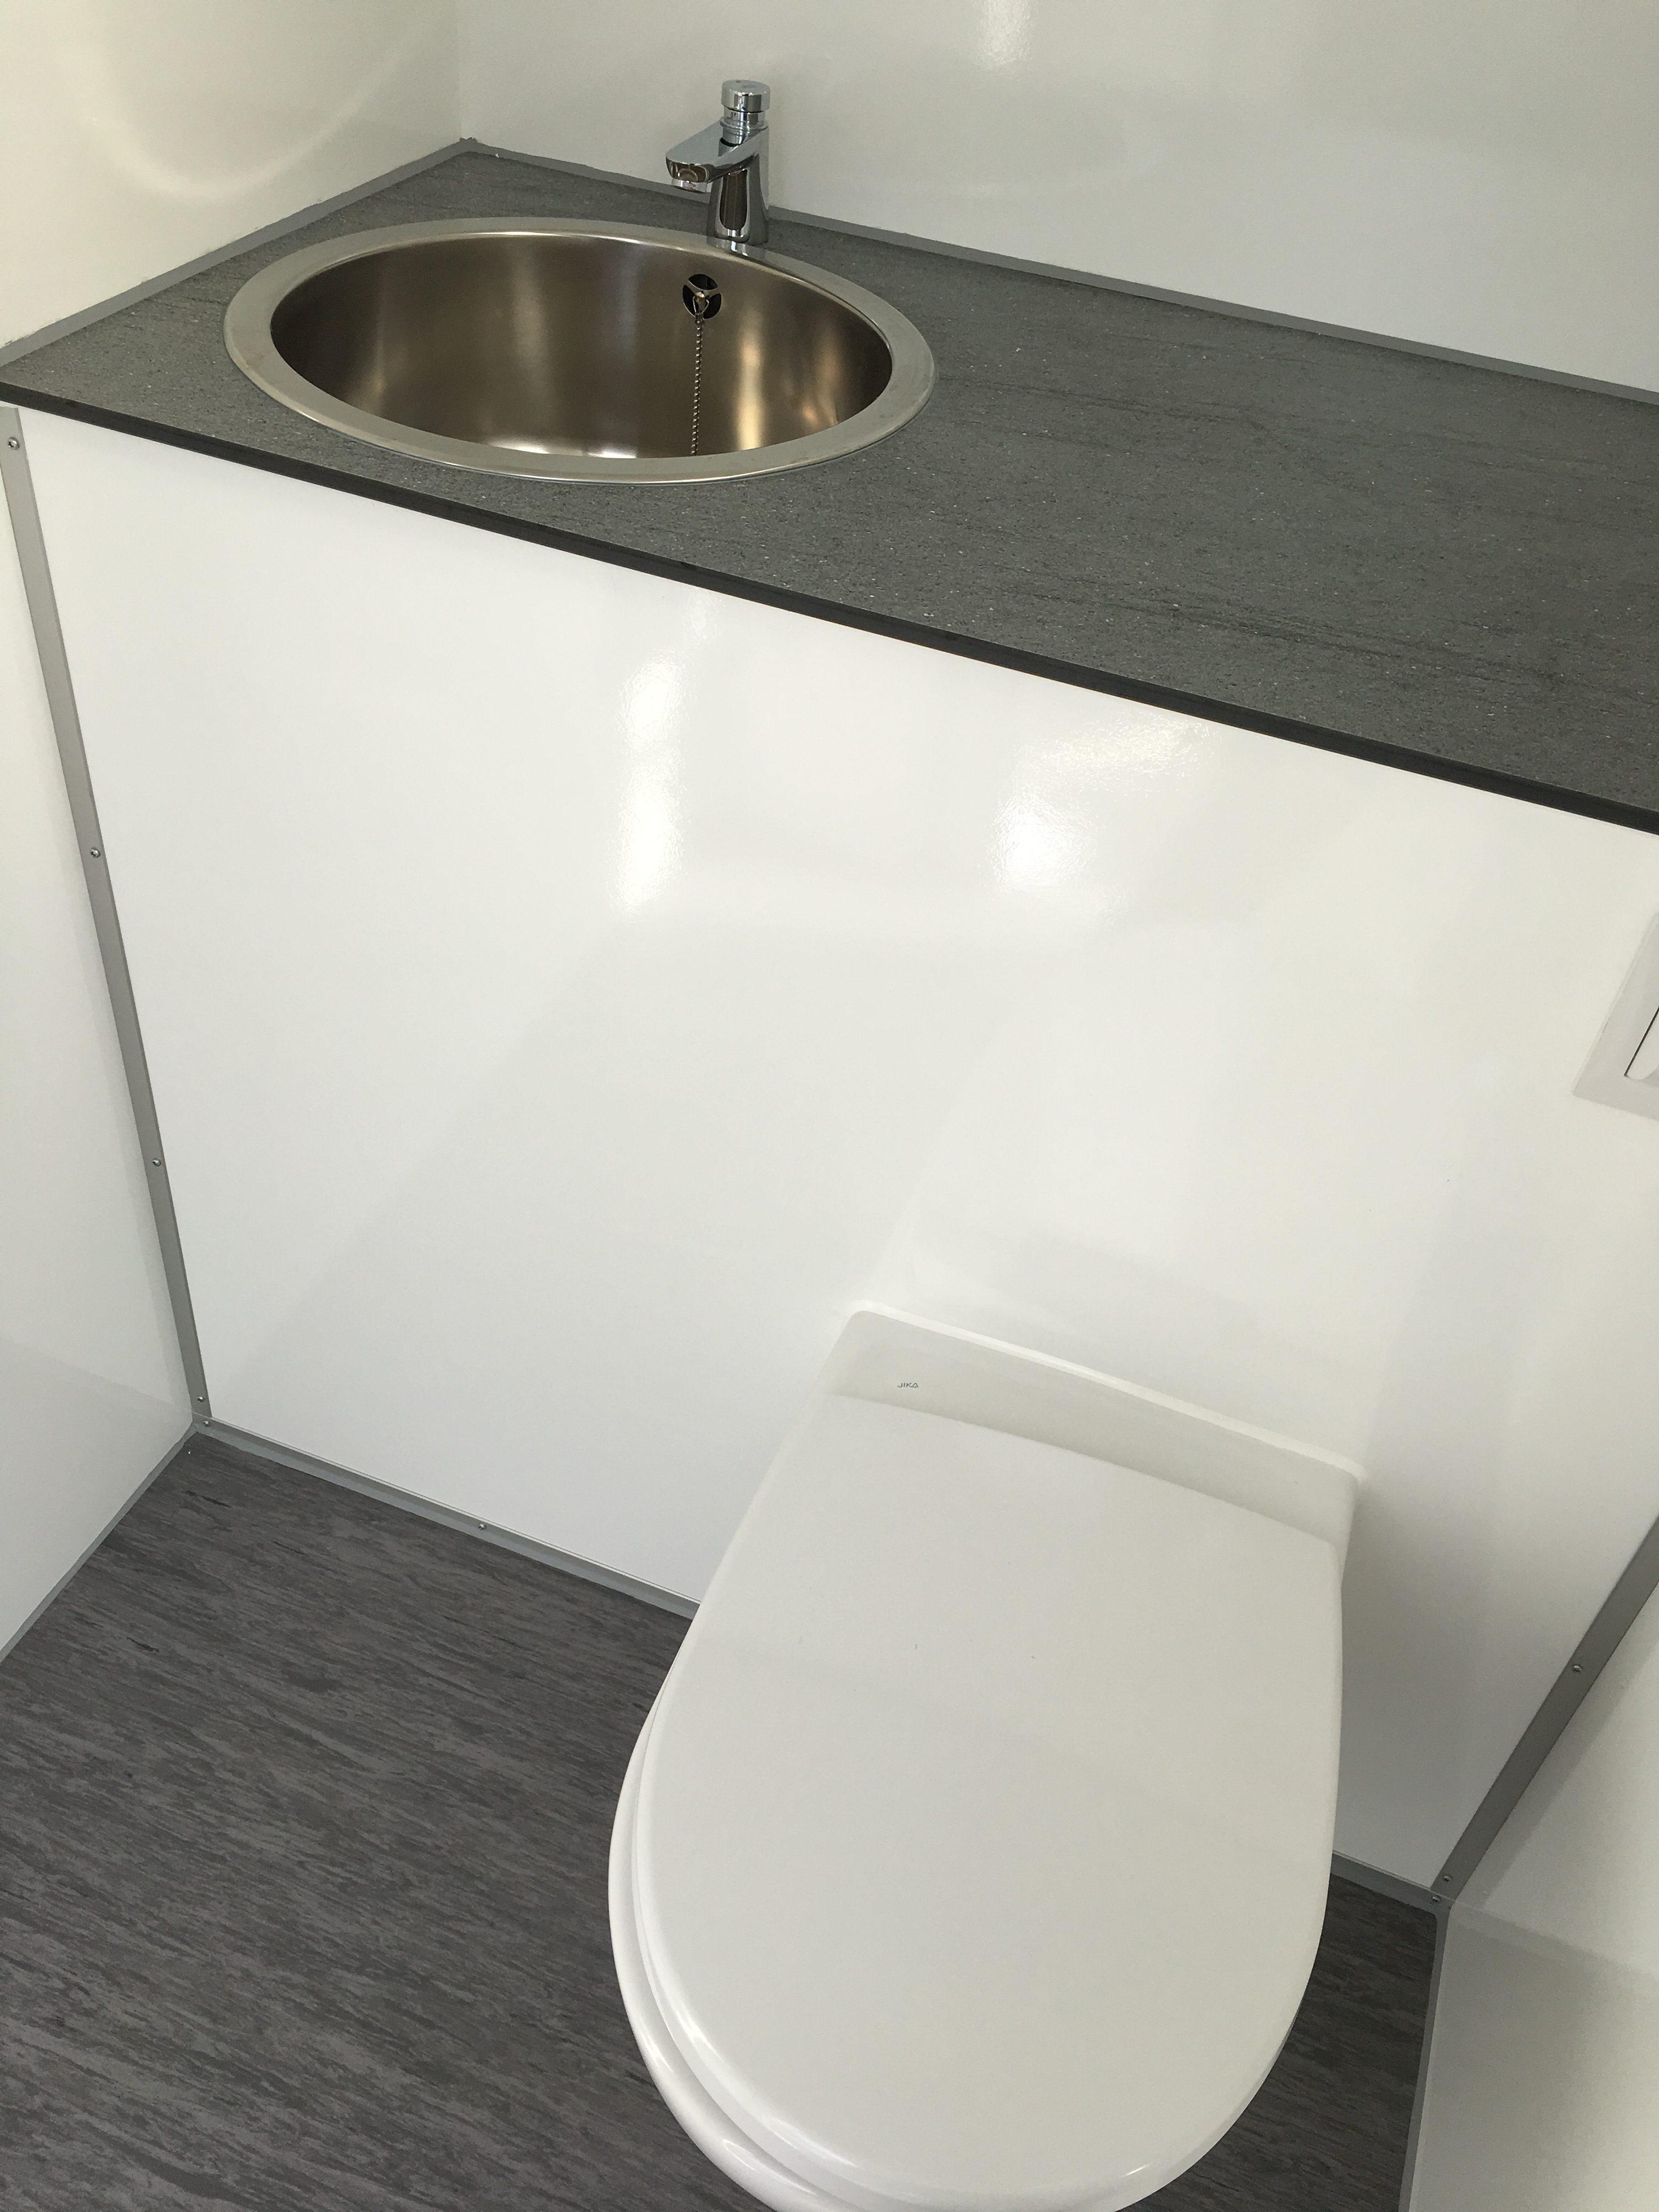 Fantastisk! Fantastisk mad Luksus toiletvogn med 2 toiletter IF87